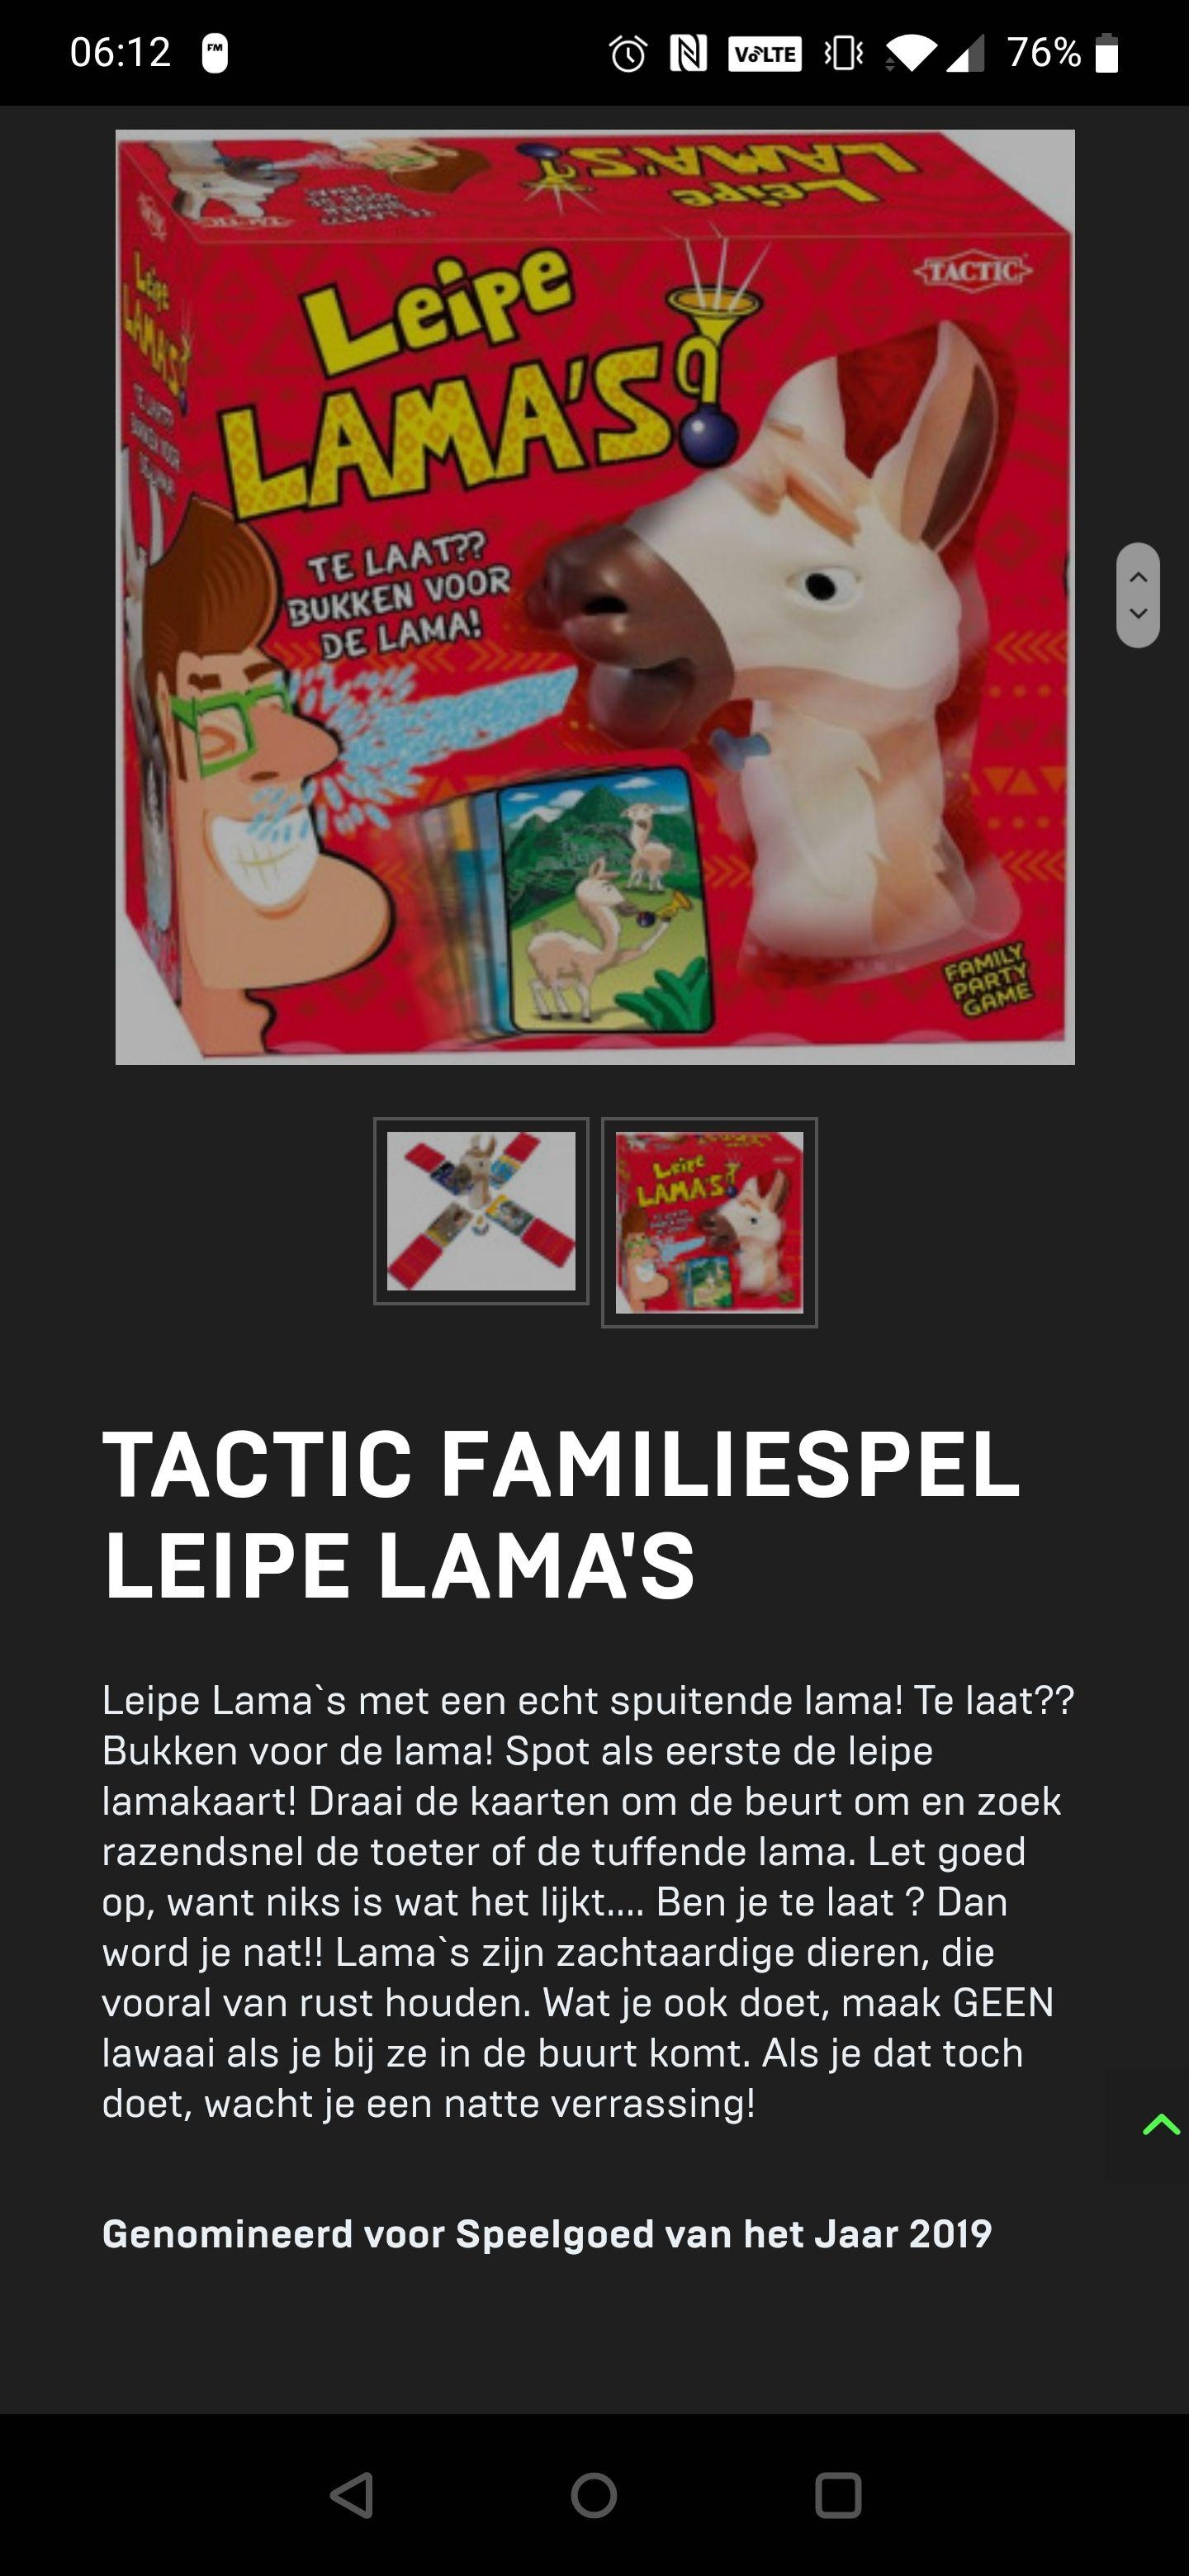 Tactic Familiespel Leipe Lama's